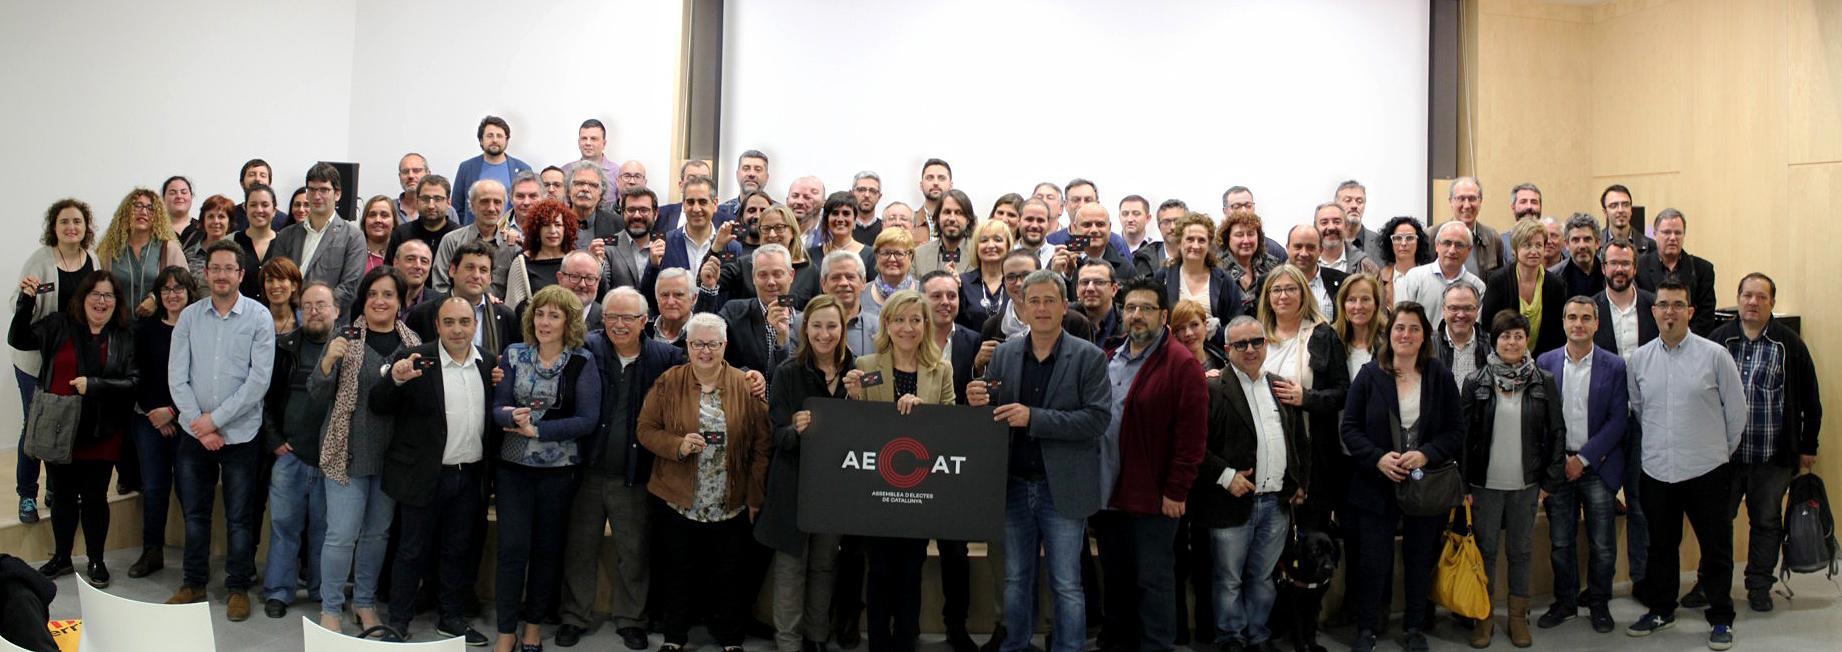 Electes de l'AECAT del Baix Llobregat